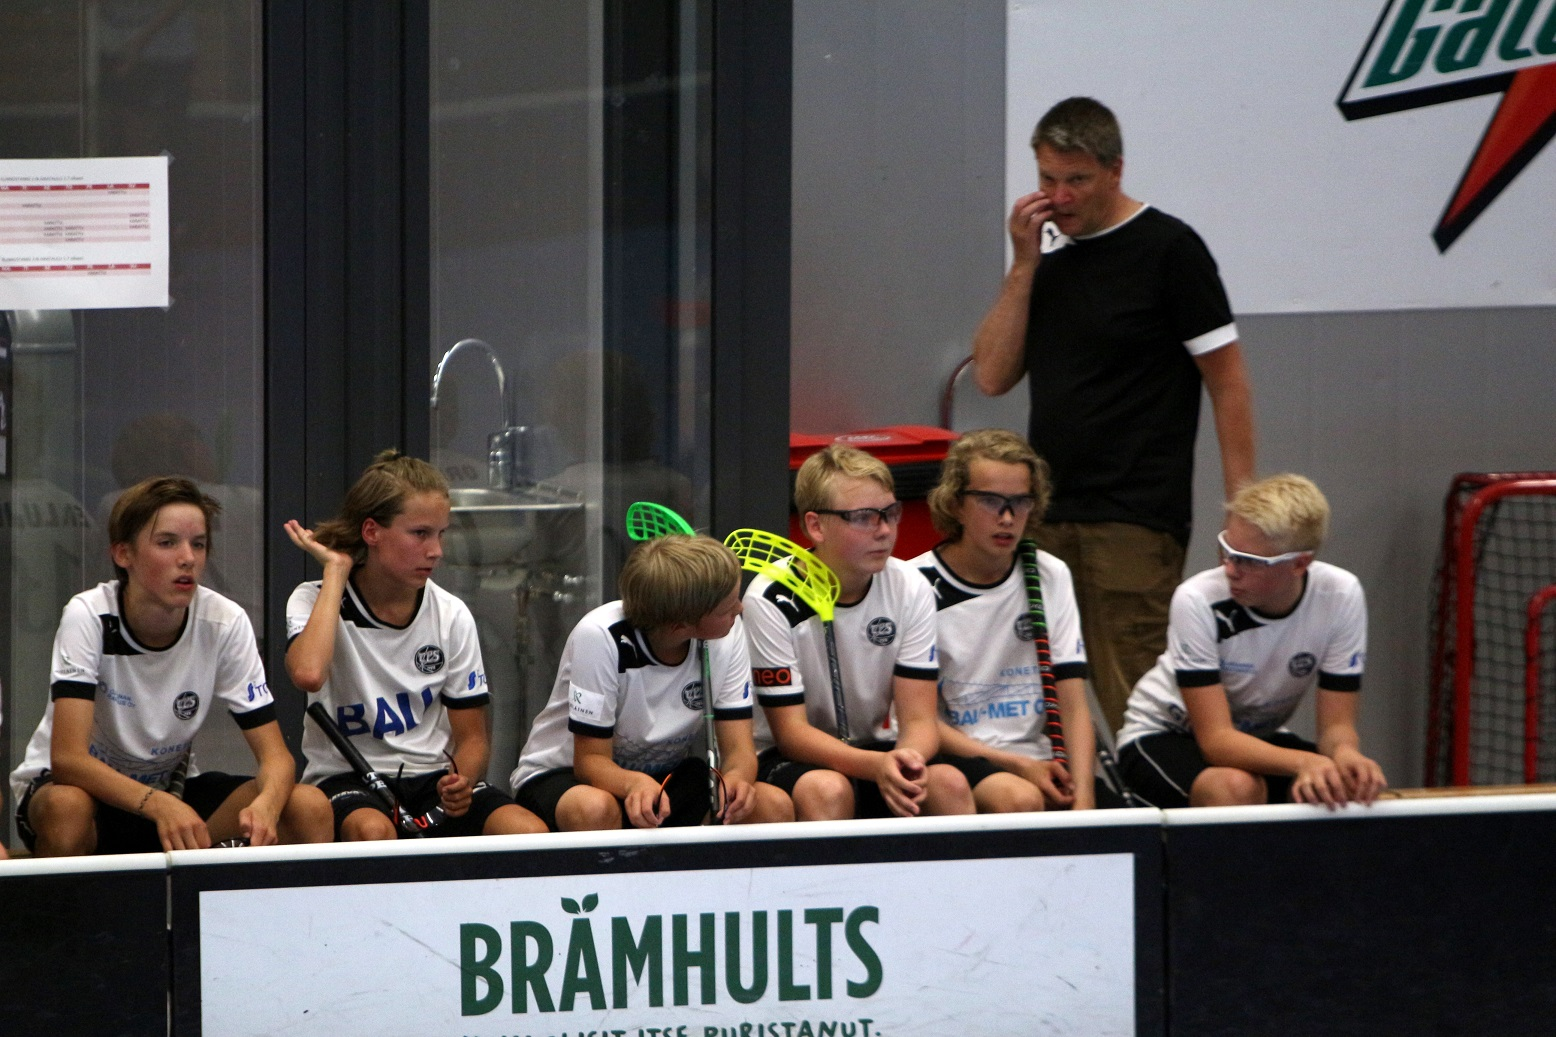 Ensimmäiset junioreiden SM-karsintapaikat ovat jaossa viikonloppuna. Kuva: Tapio Hämeen-Anttila